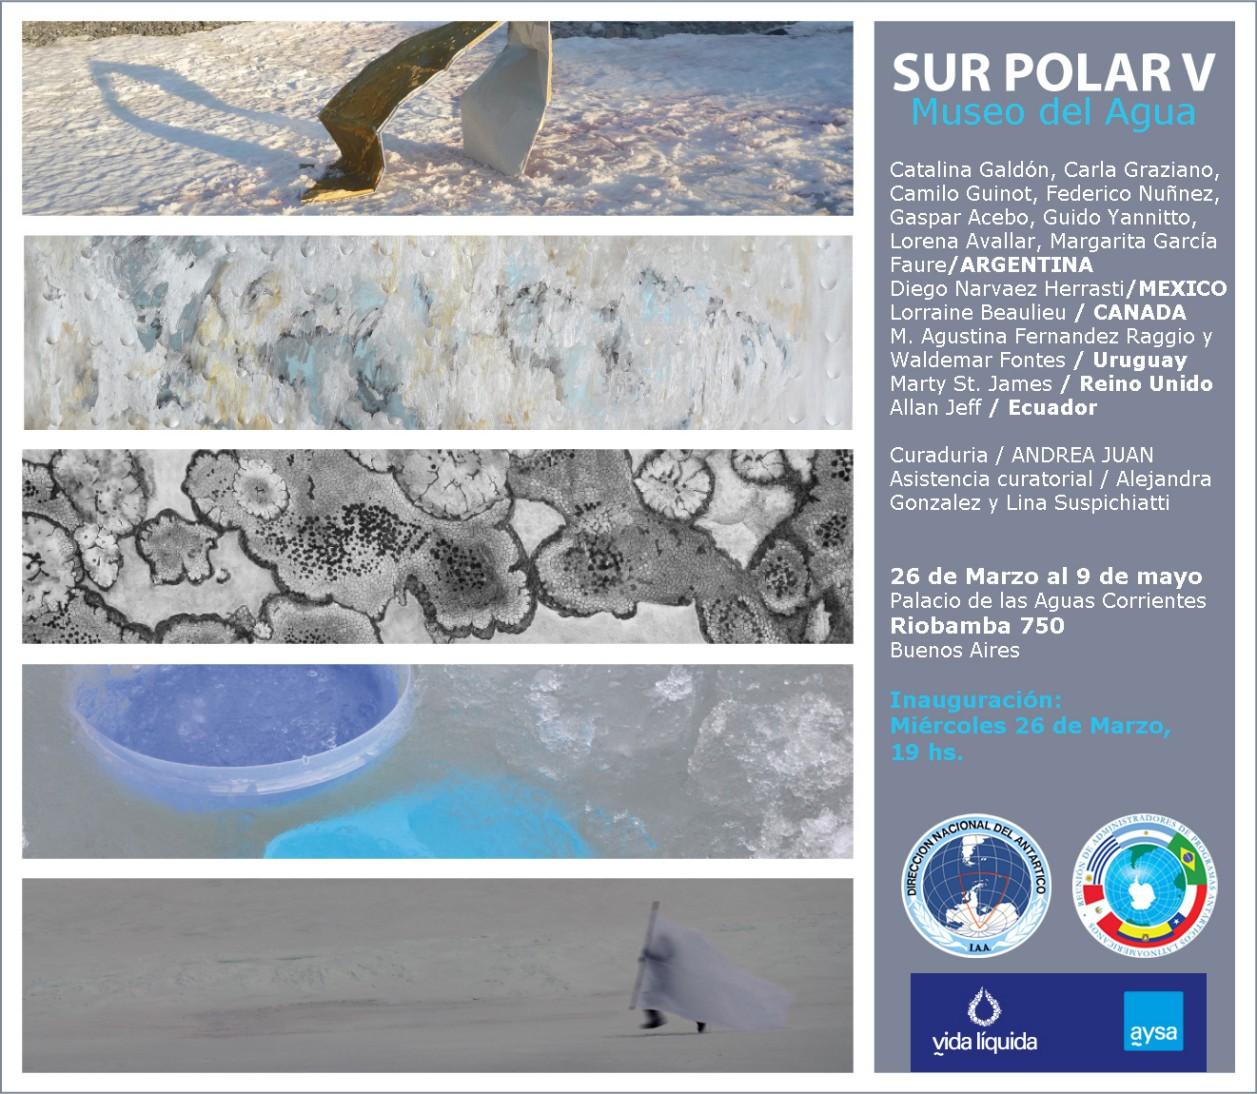 affiche SurPolar2014-03.jpg